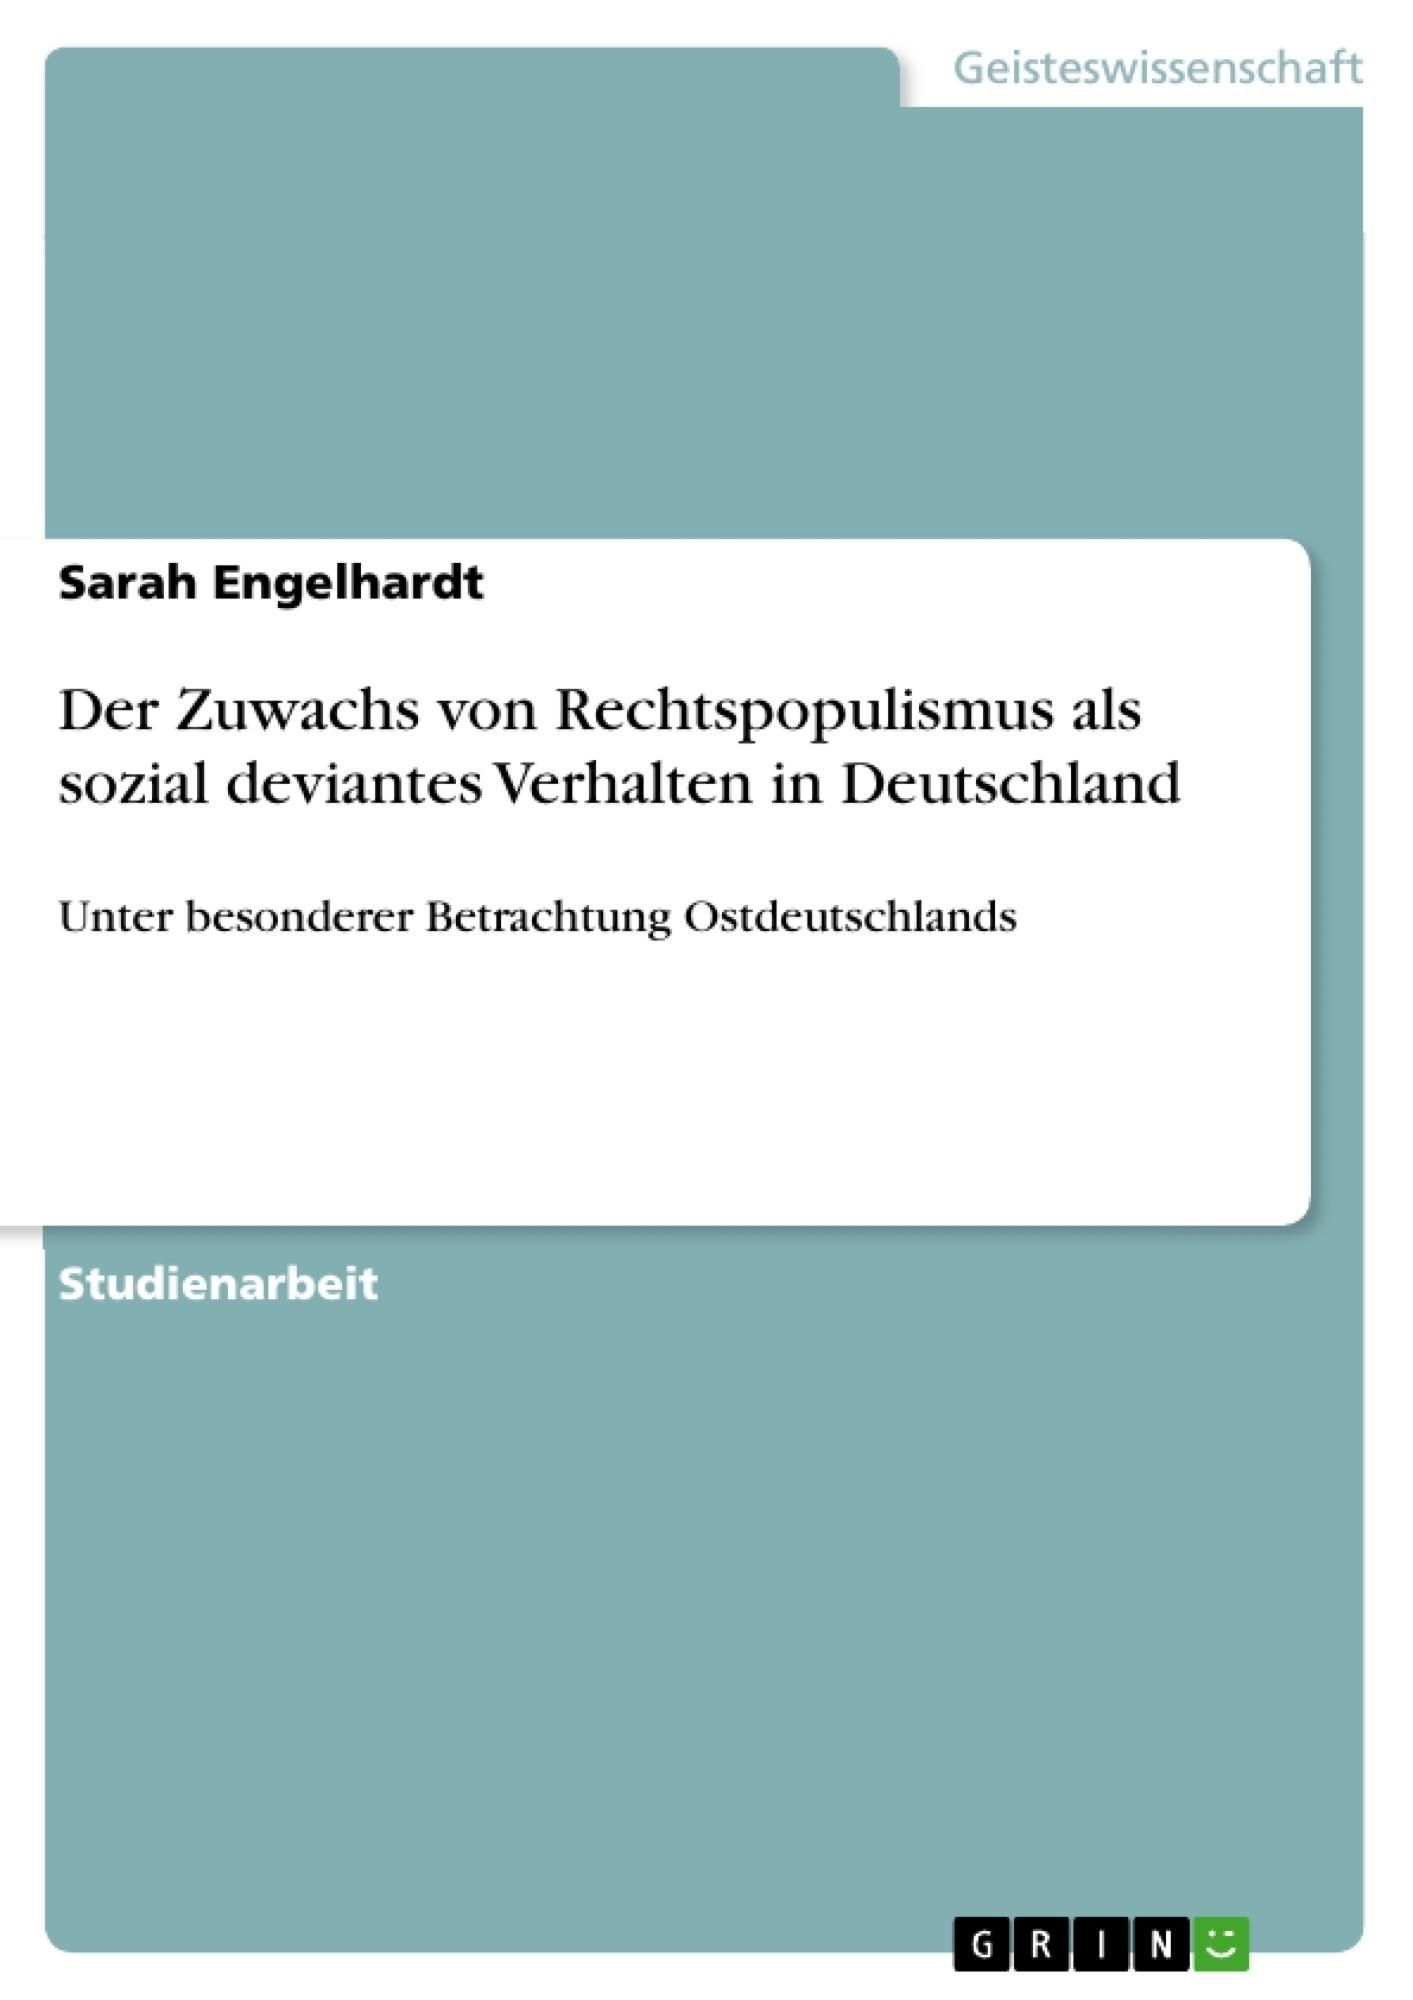 Titel: Der Zuwachs von Rechtspopulismus als sozial deviantes Verhalten in Deutschland